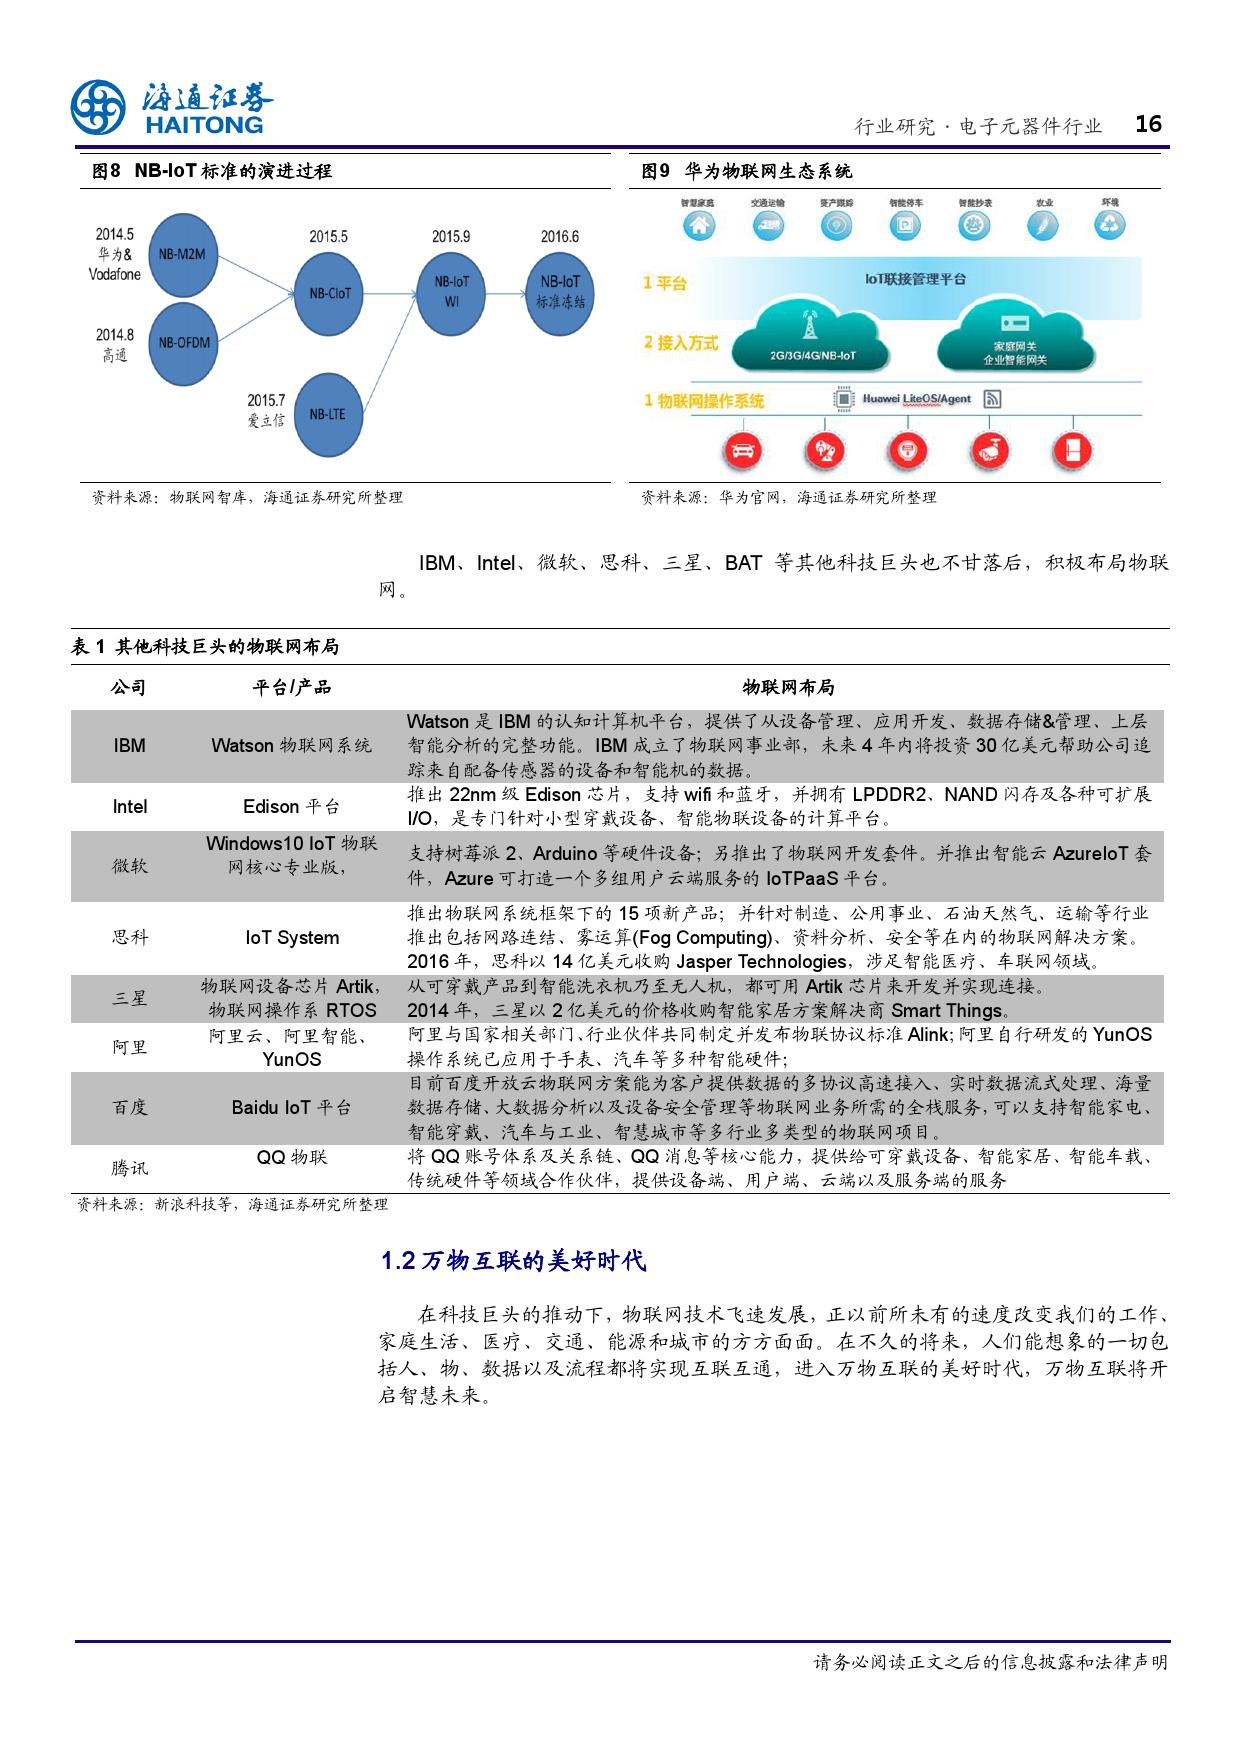 报告全解传感器全球产业链_000016